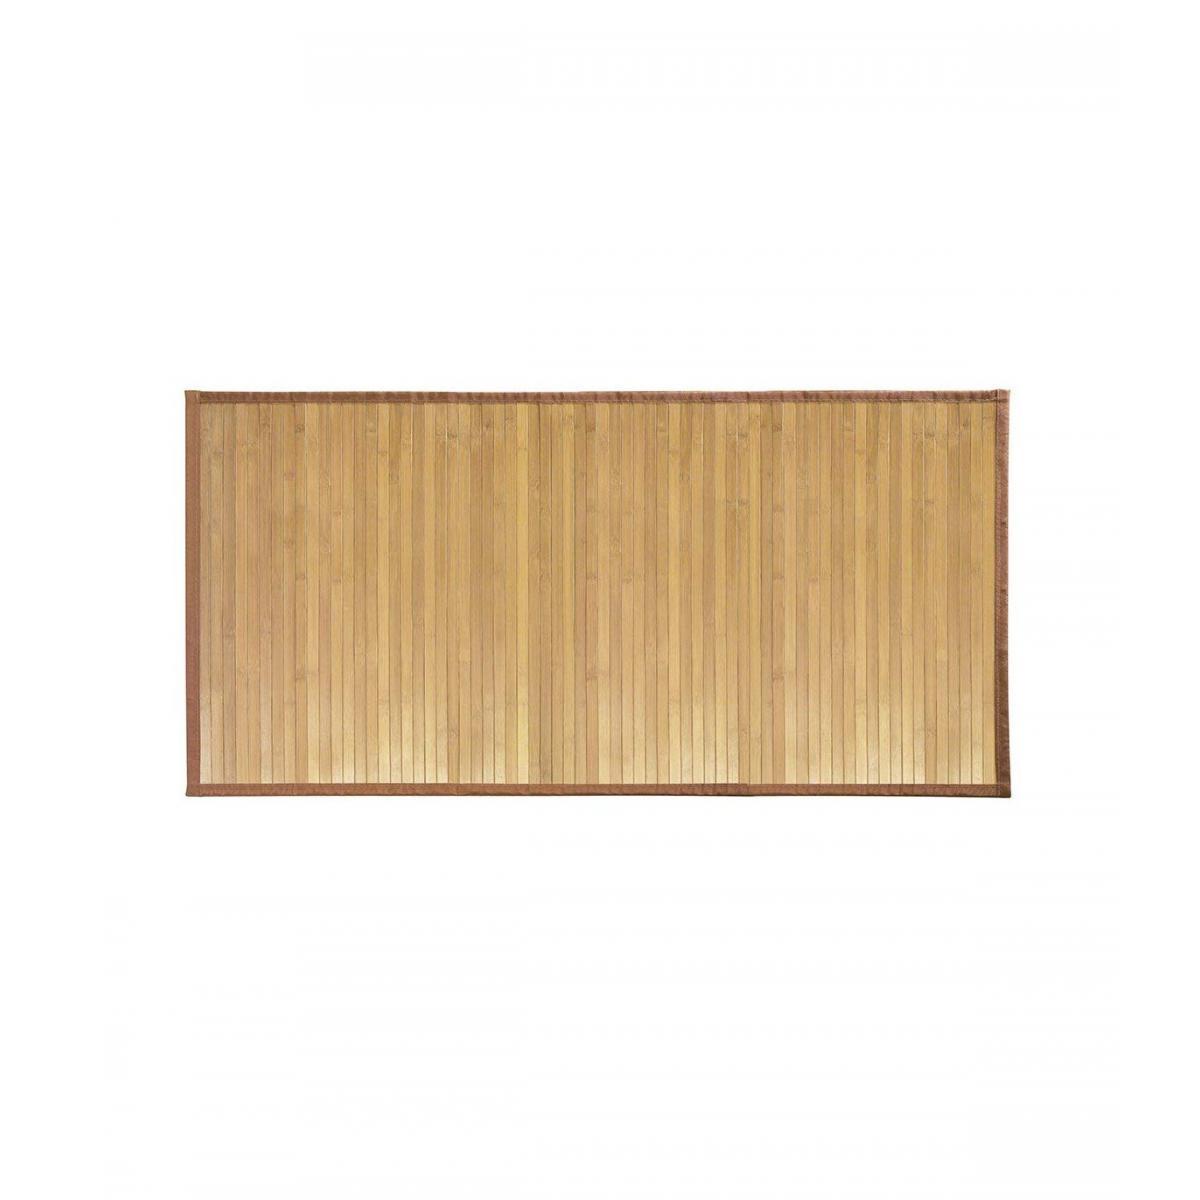 Interdesign Tapis de bain en bambou brun clair 122 x 61 cm